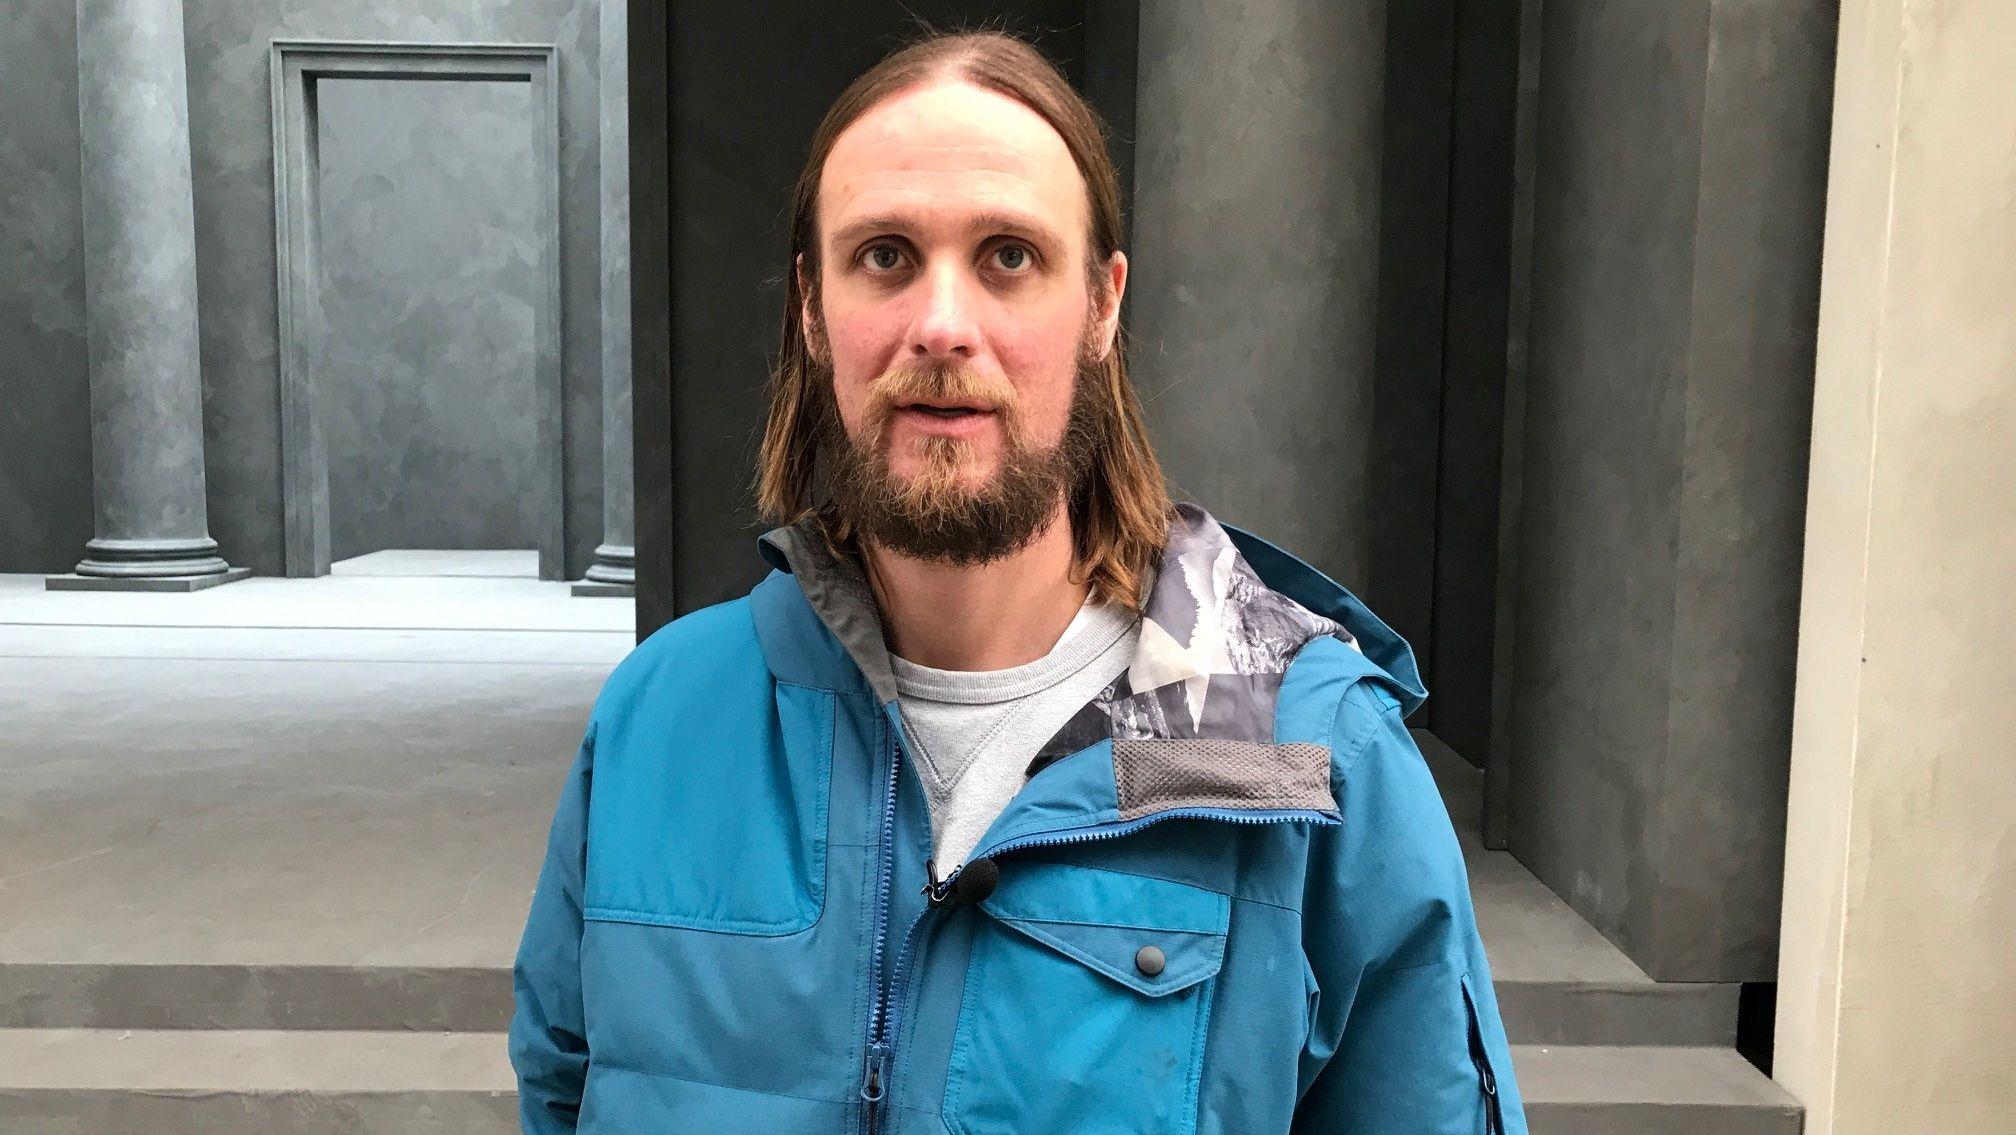 Ein Foto des  Jesus-Darstellers Frederik Mayet mit Jesusfrisur, Bart und in blauem Anorak